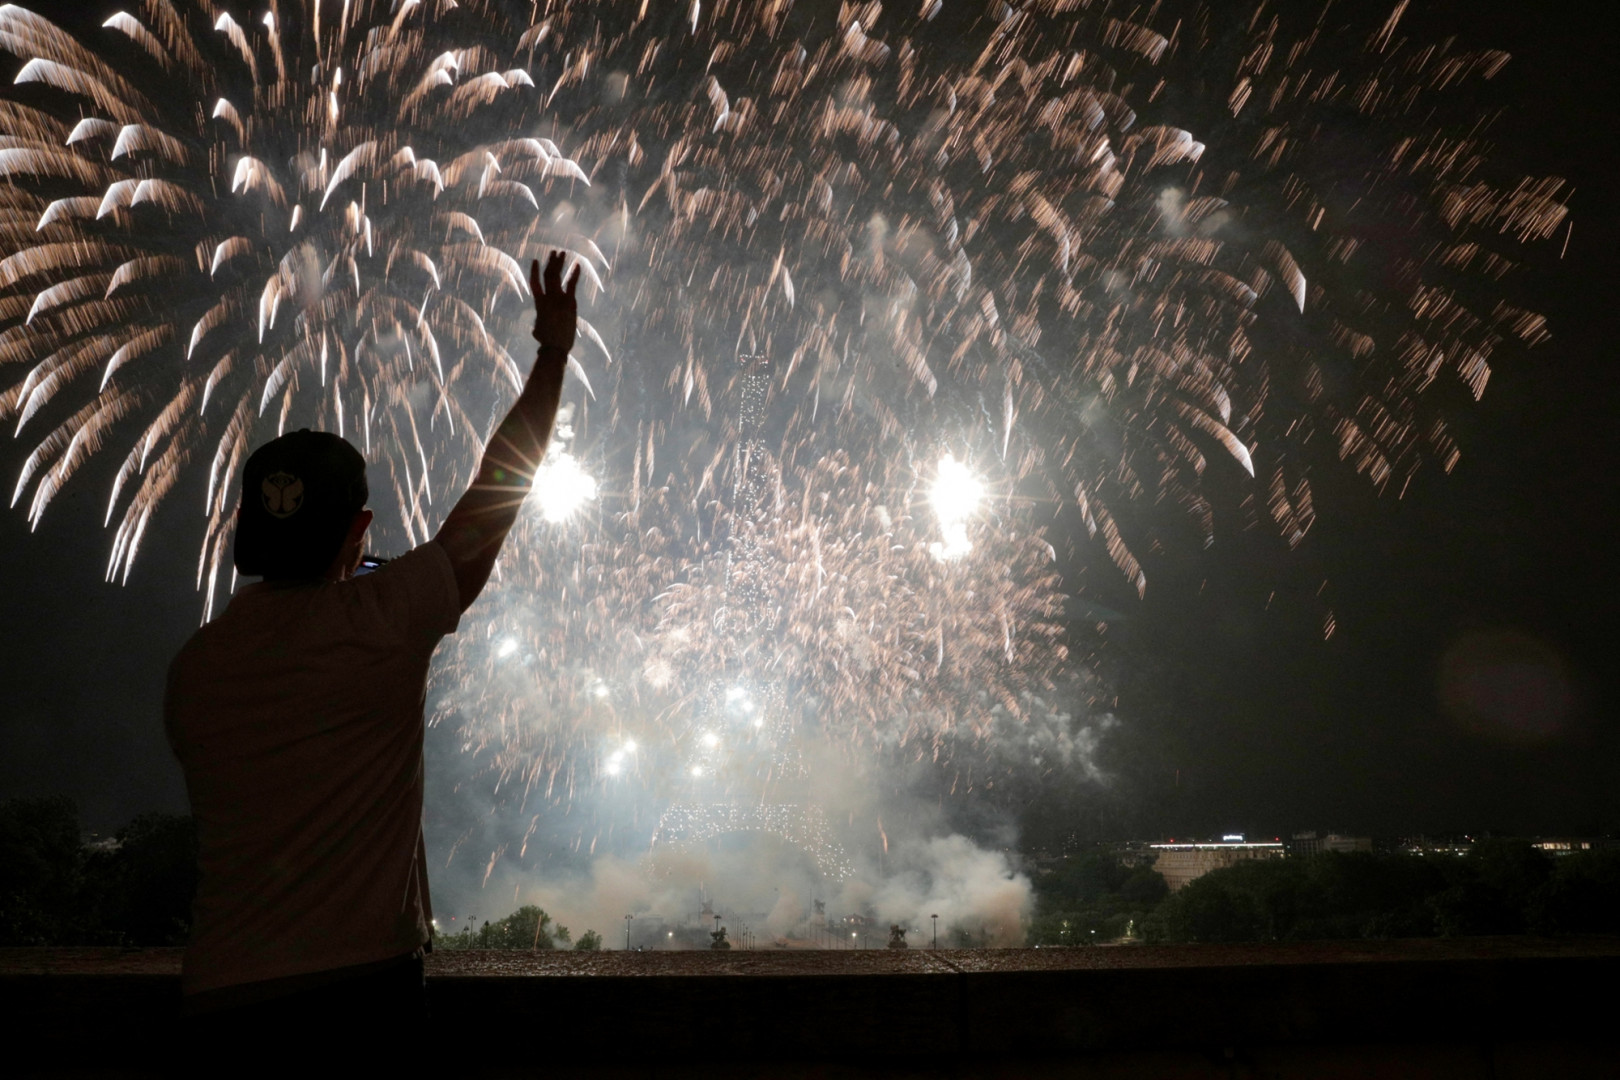 Le feu d'artifice du 14 juillet est un évènement incontournable pour les Français.